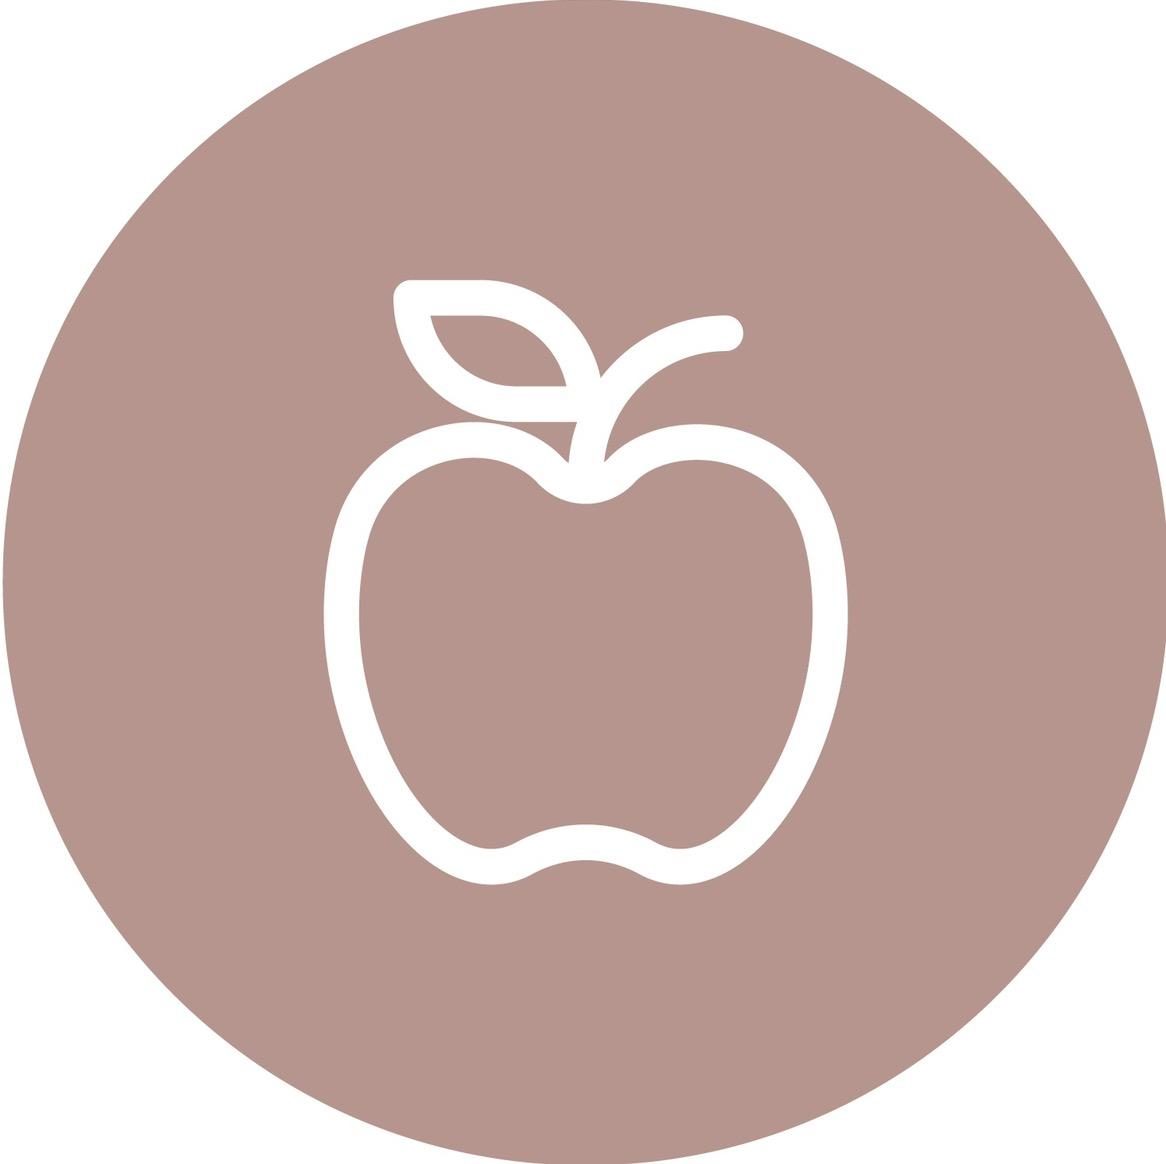 The Optimistic Apple